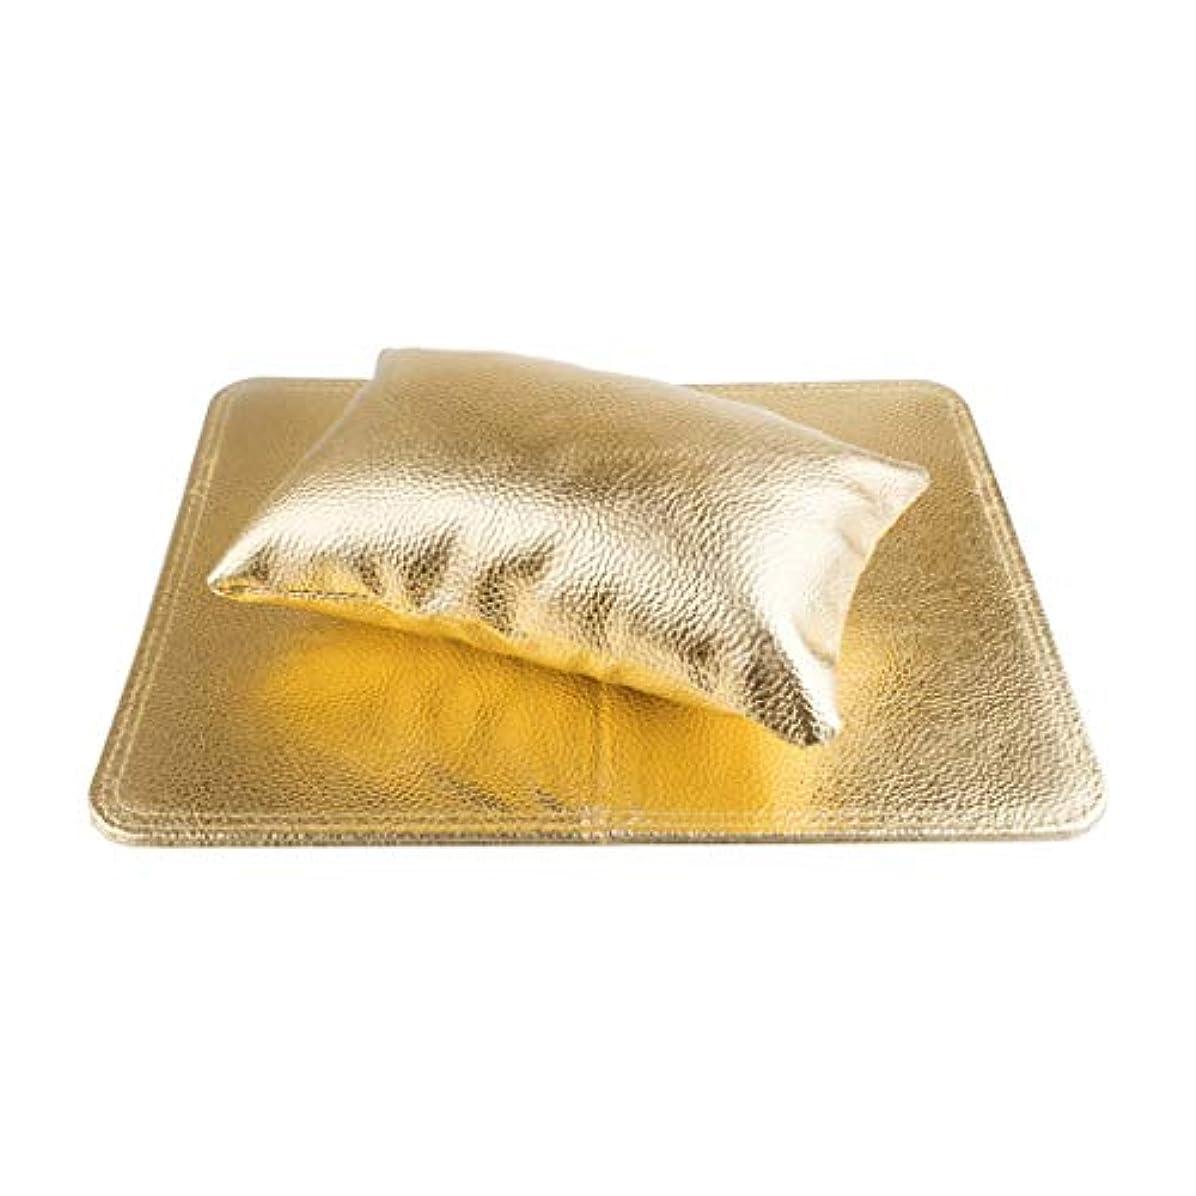 バン人気のゴールドLazayyii ネイルセットハンドピローリストピロースポンジレザー折りたたみハンドピローパッド (ゴールド)